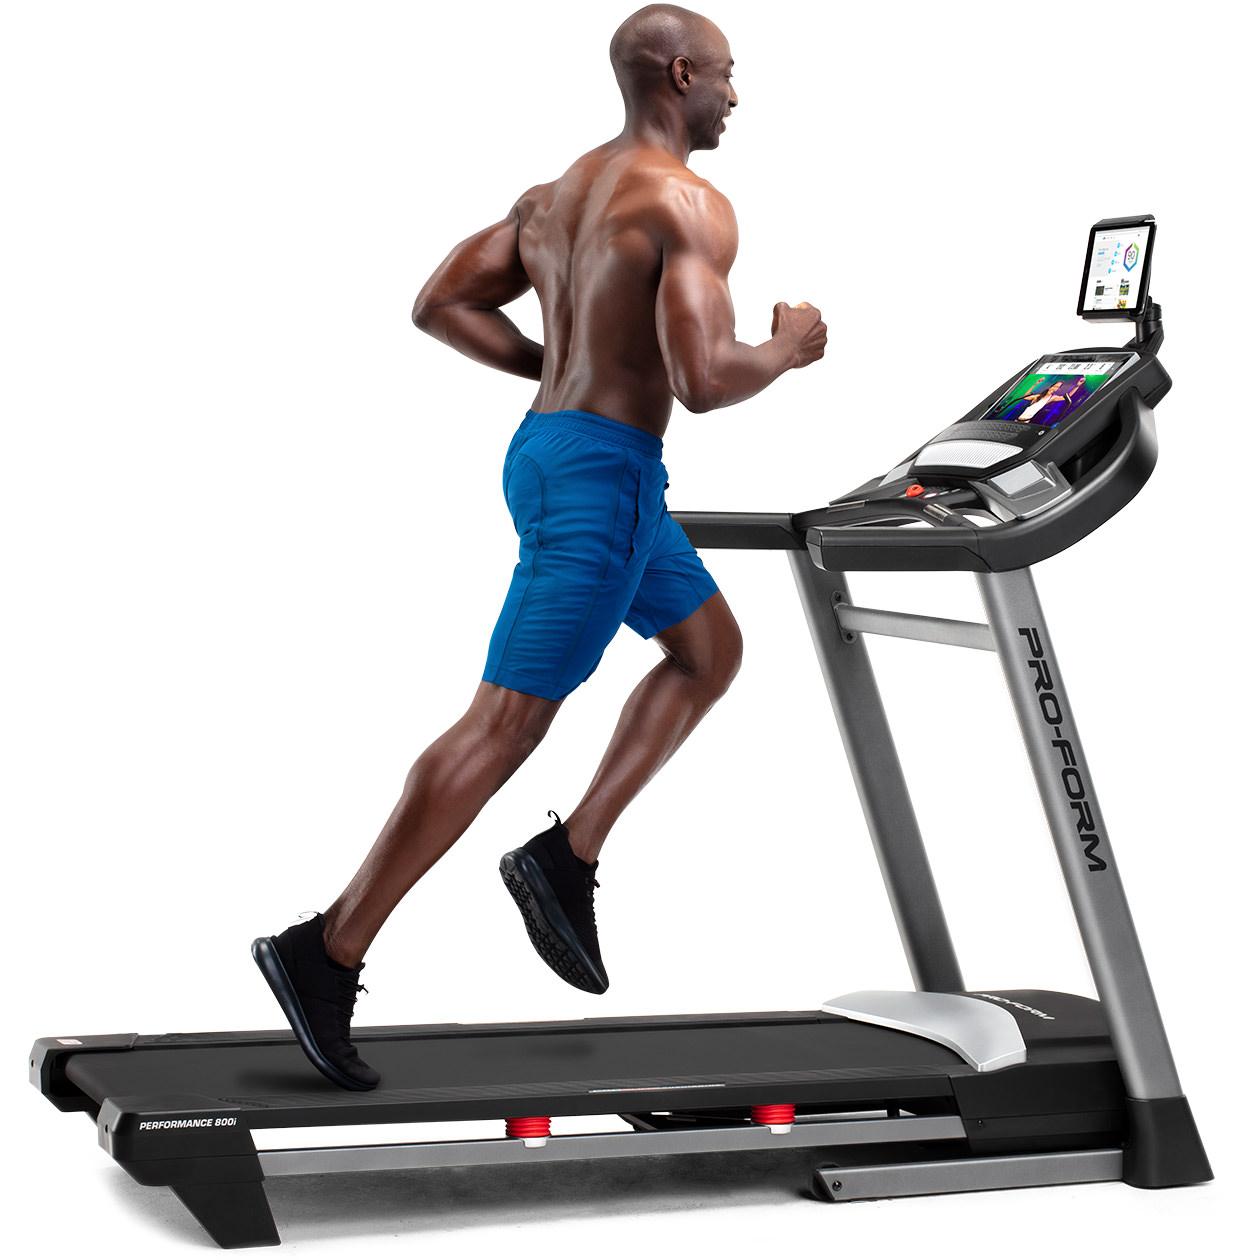 ProForm Treadmills Specials SMART Performance 800i null